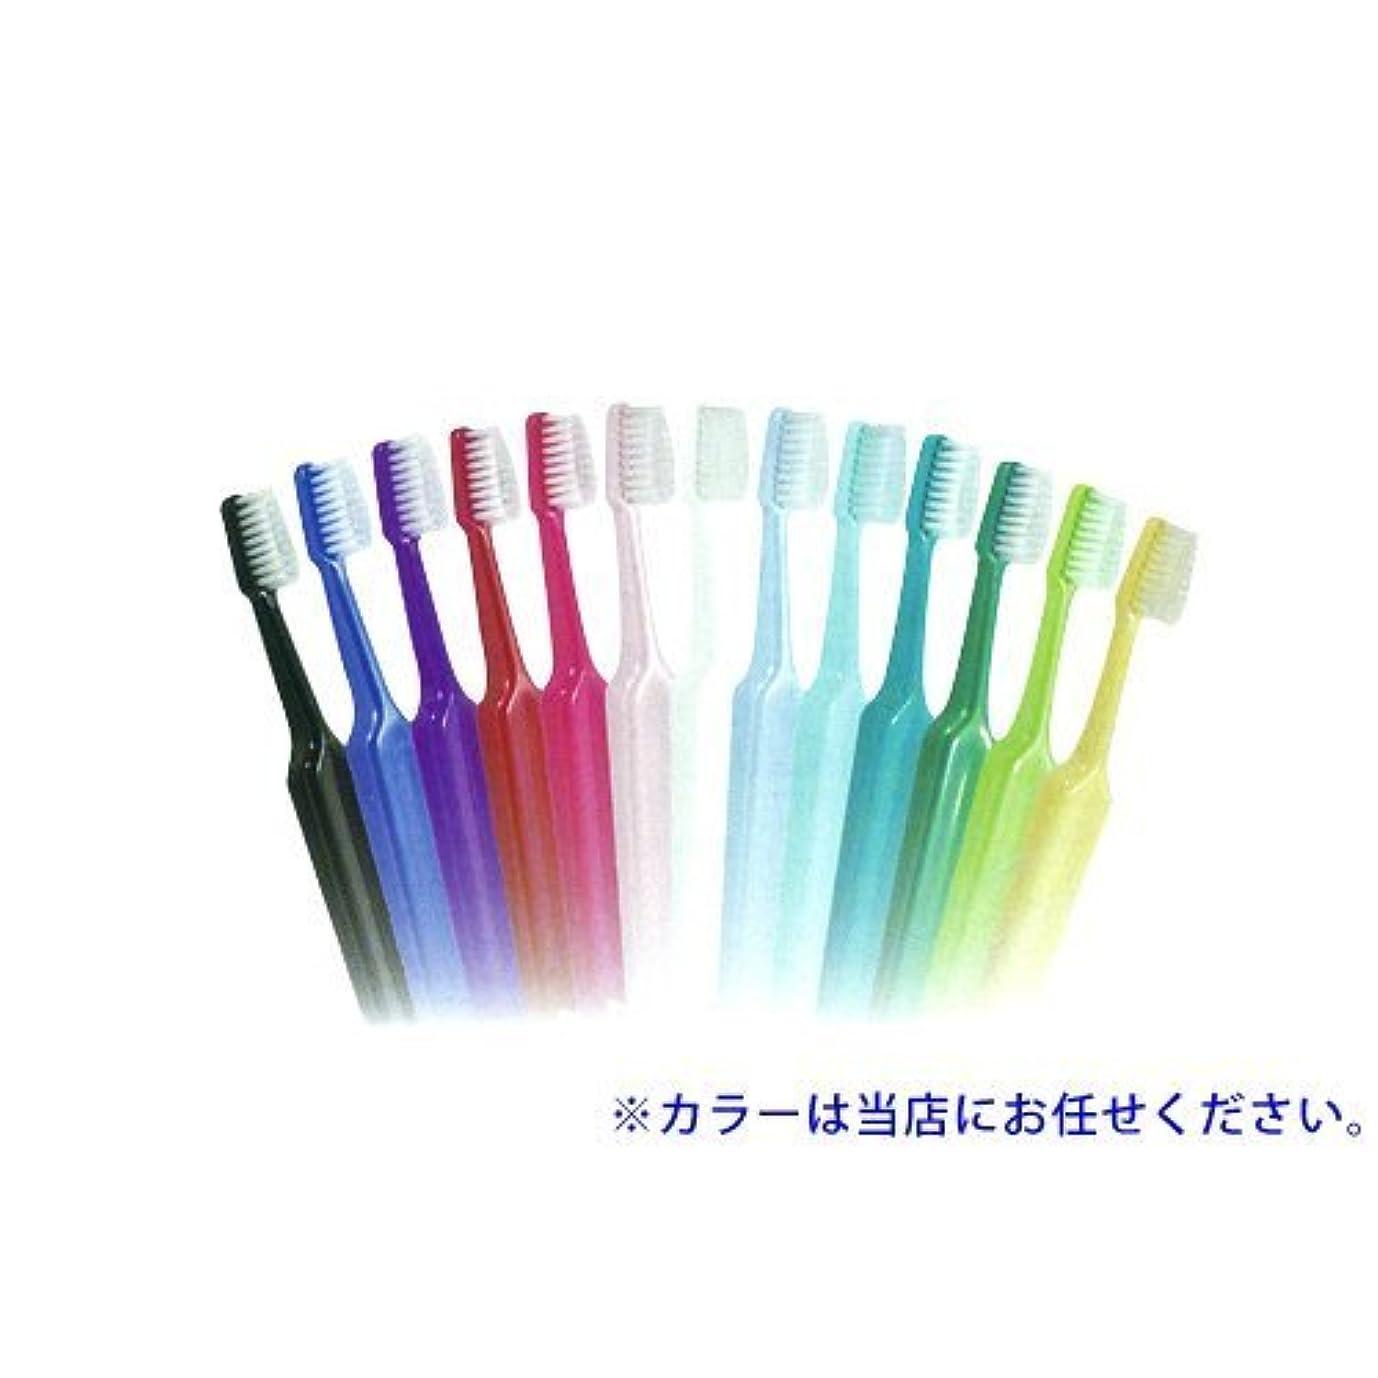 ピグマリオンフォーマル取り除くTepe歯ブラシ セレクトミニ/ソフト 25本/箱